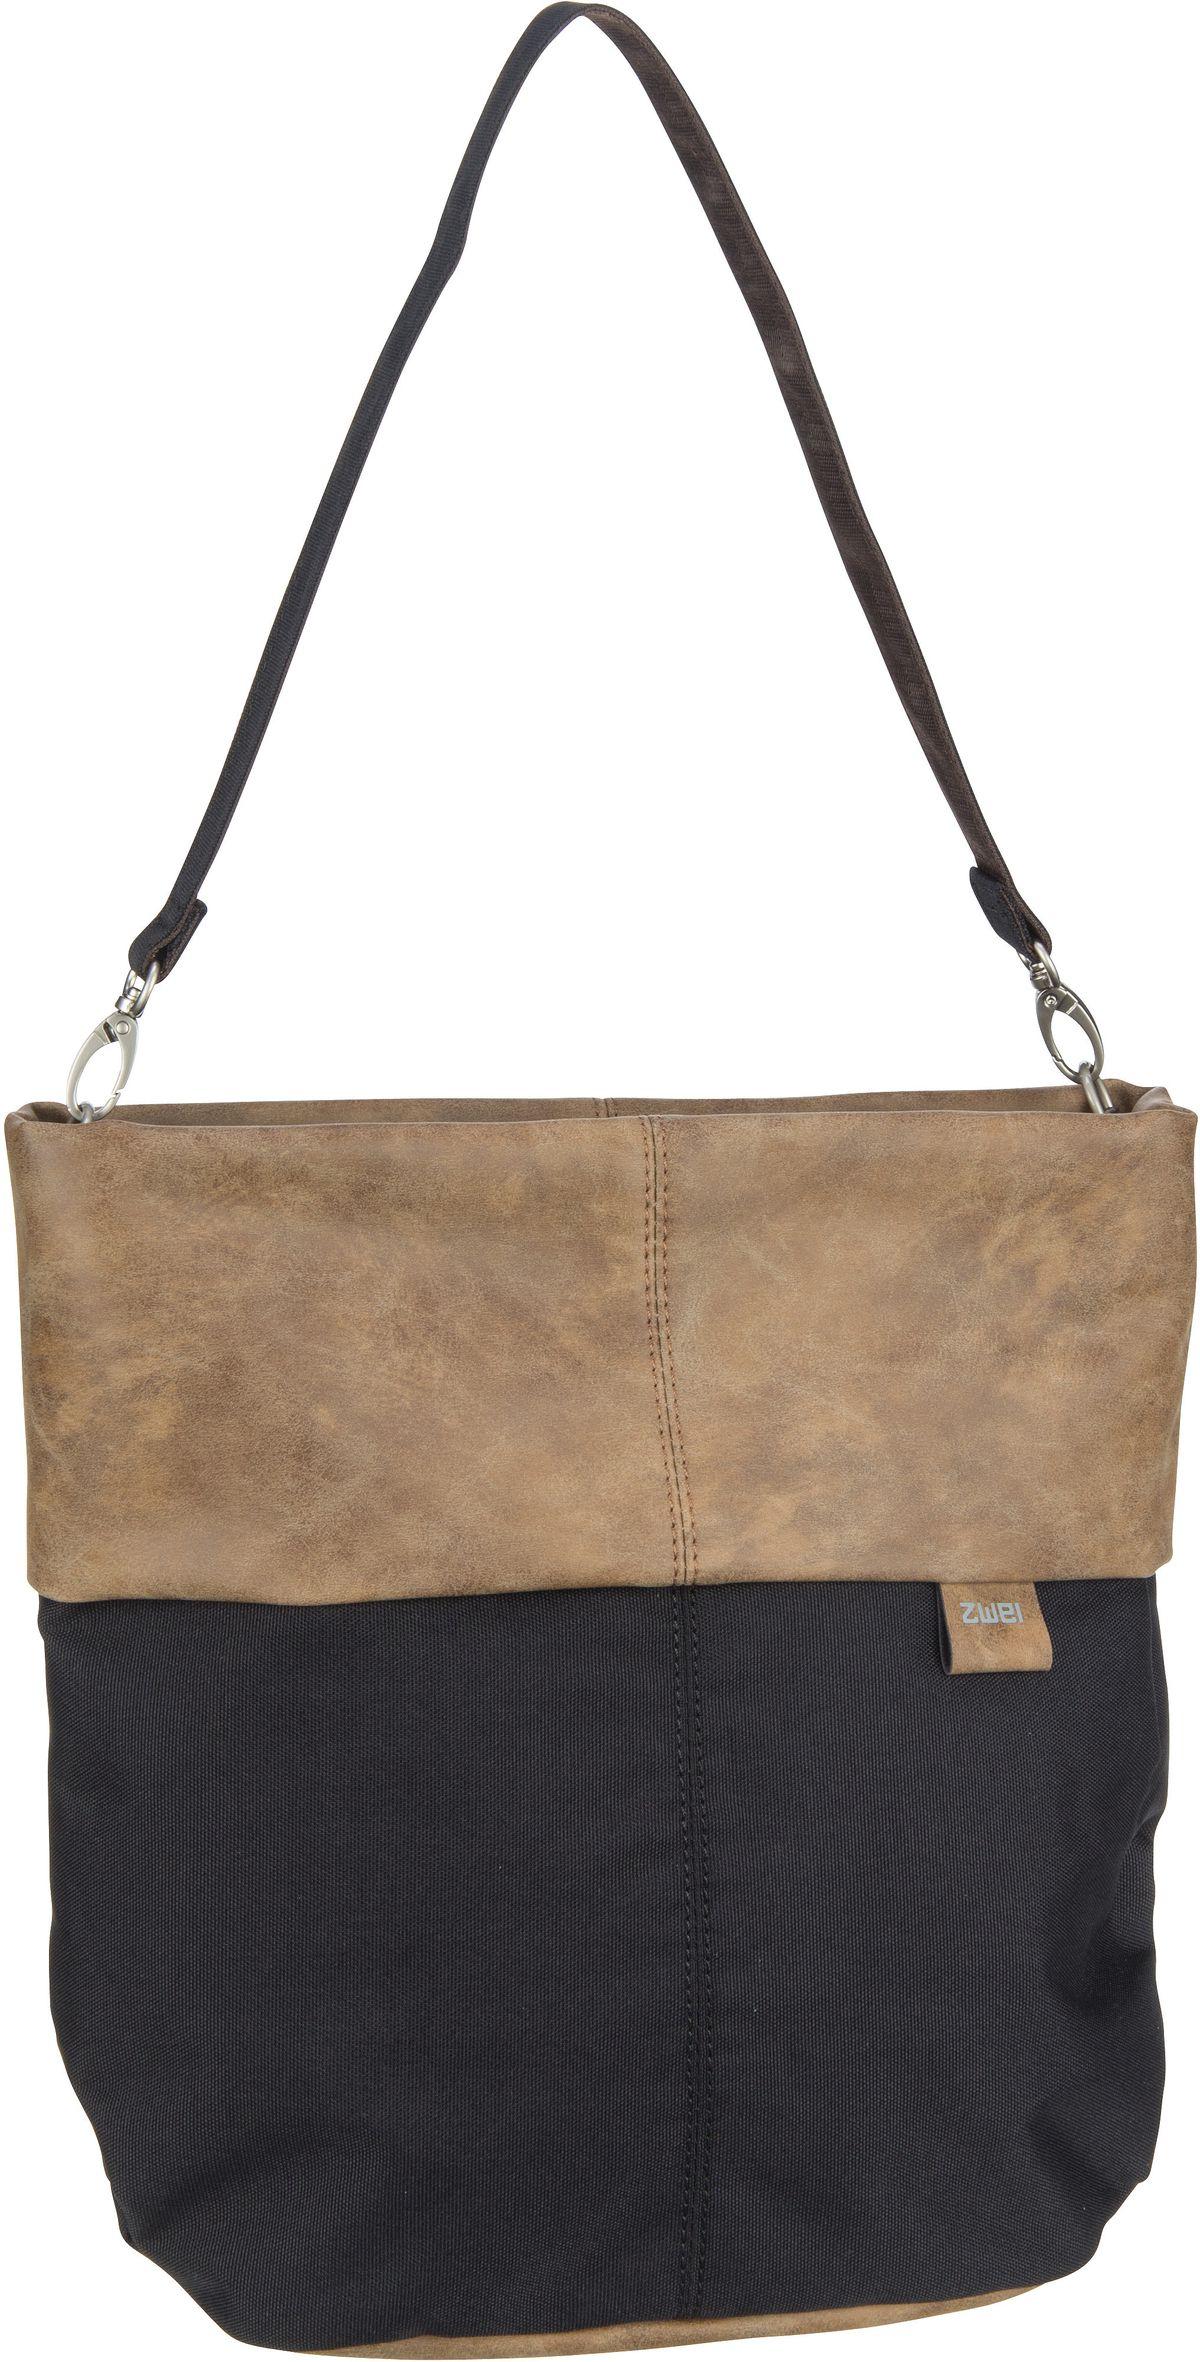 Handtasche Olli OT12 Limited/Black (7 Liter)